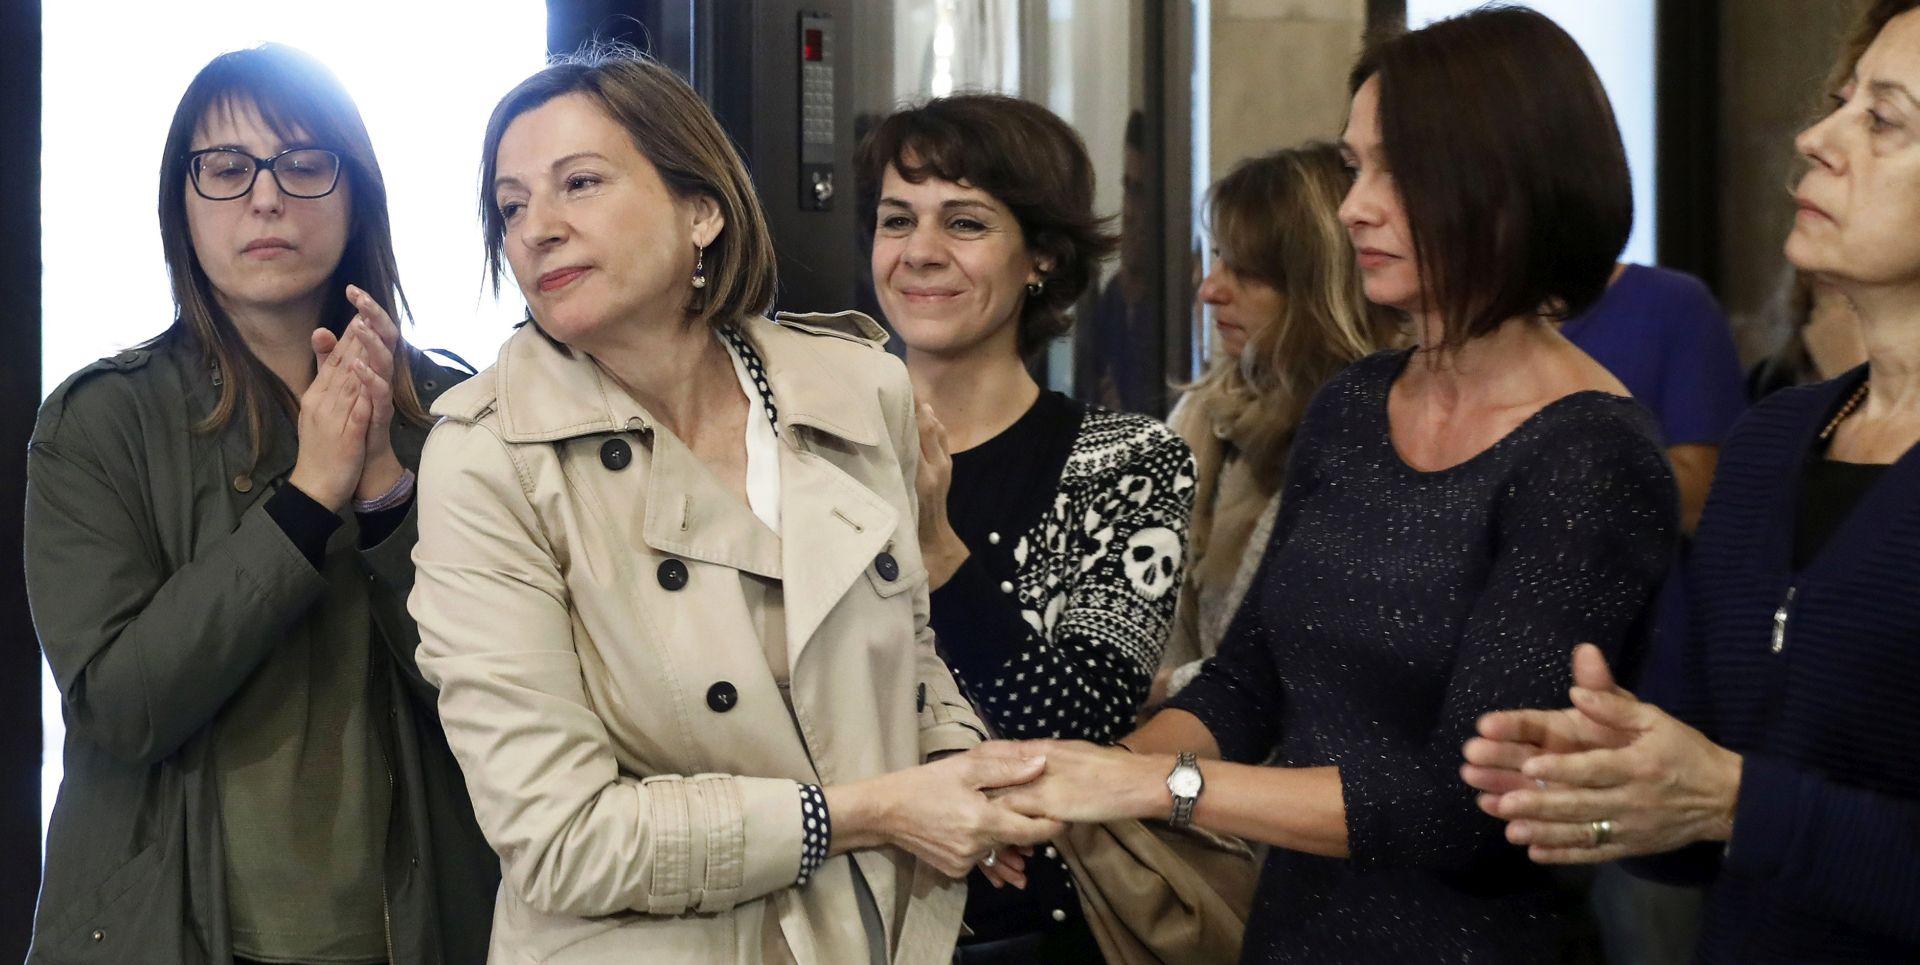 Državno odvjetništvo zatražilo pritvor za predsjednicu katalonskog parlamenta